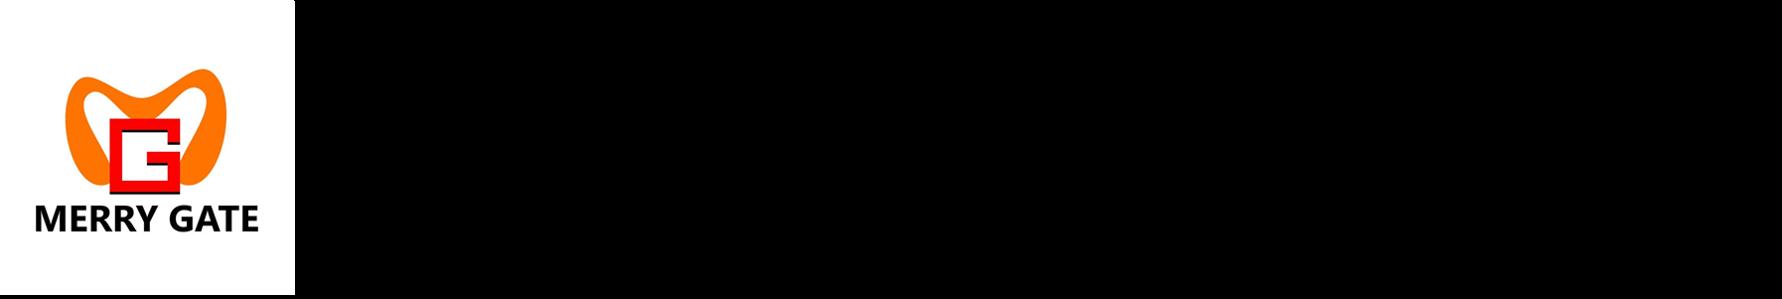 株式会社メリーゲート